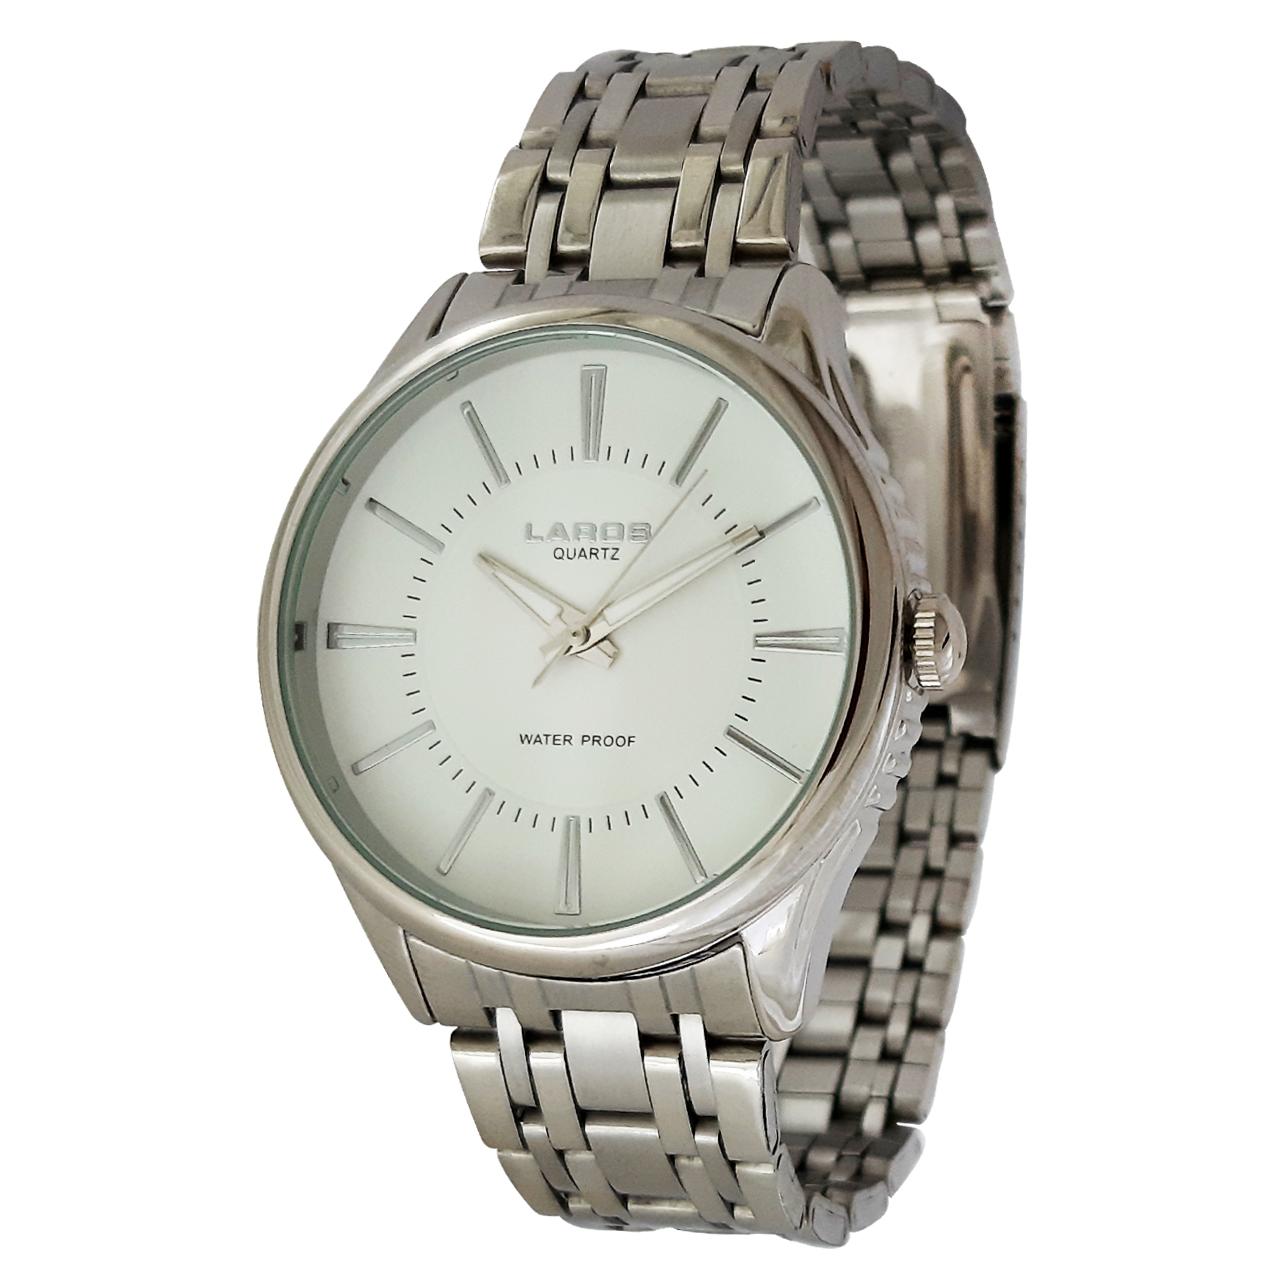 ساعت مچی عقربه ای مردانه لاروس مدل 0817-79877 به همراه دستمال مخصوص برند کلین واچ 25